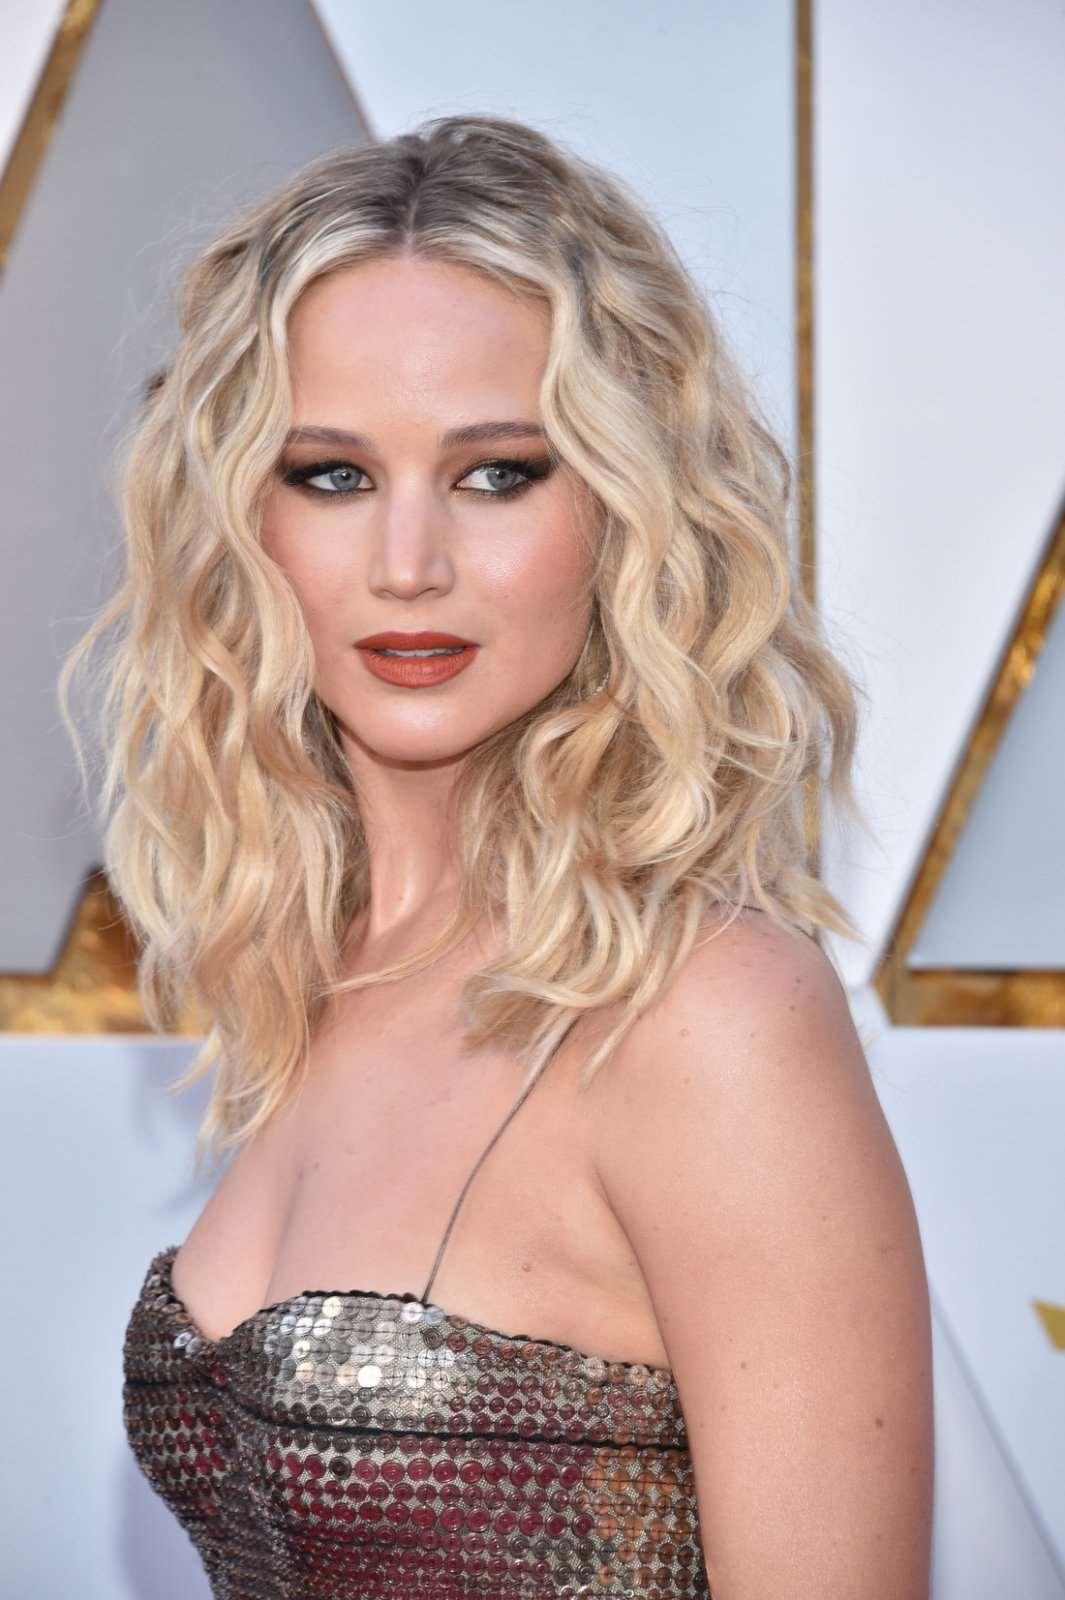 Κι όμως δεν θα πιστέψεις τον λόγο που η Jennifer Lawrence δεν κάνει sex c01c6e8f53c